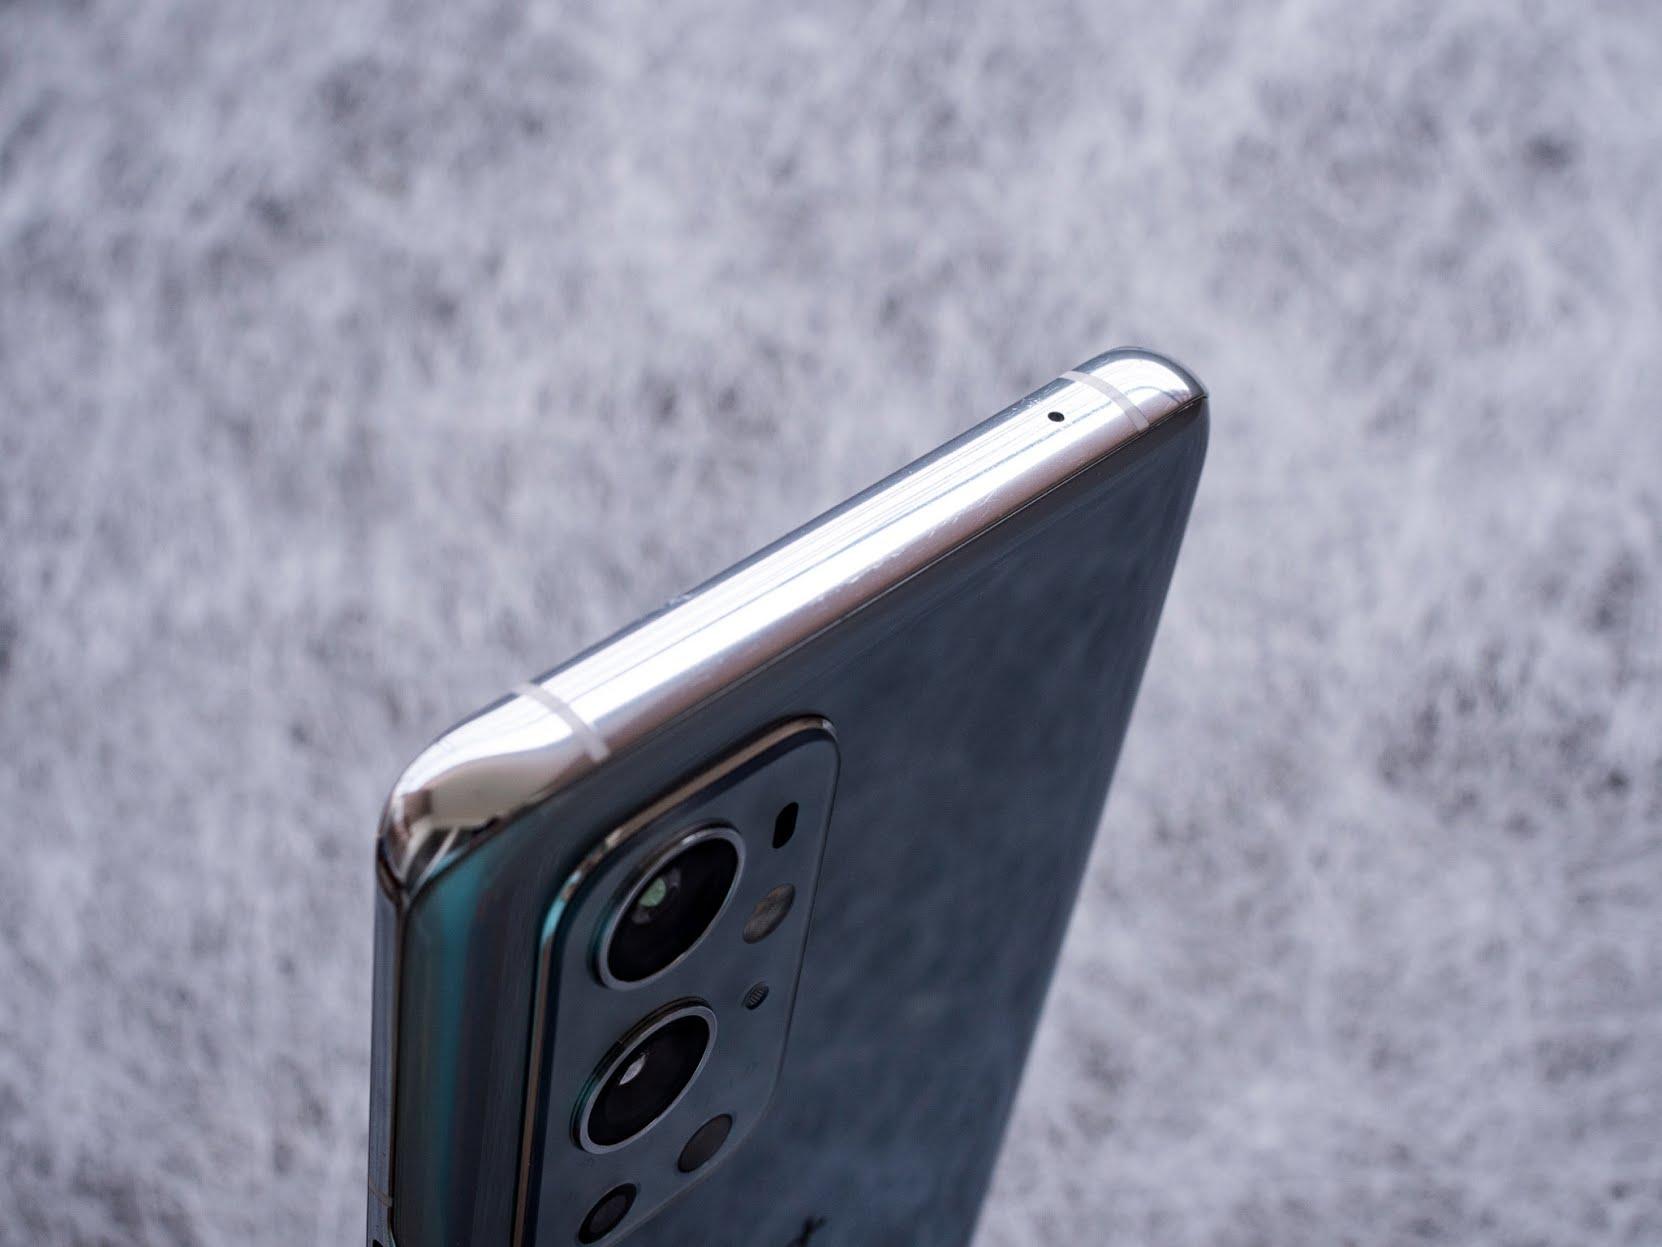 Sforum - Trang thông tin công nghệ mới nhất oneplus-9-pro-35 Cận cảnh OnePlus 9 Pro: Thiết kế vẫn đậm chất OnePlus, camera Hasselblad, hiệu năng top 1 phân khúc, giá 1069 USD